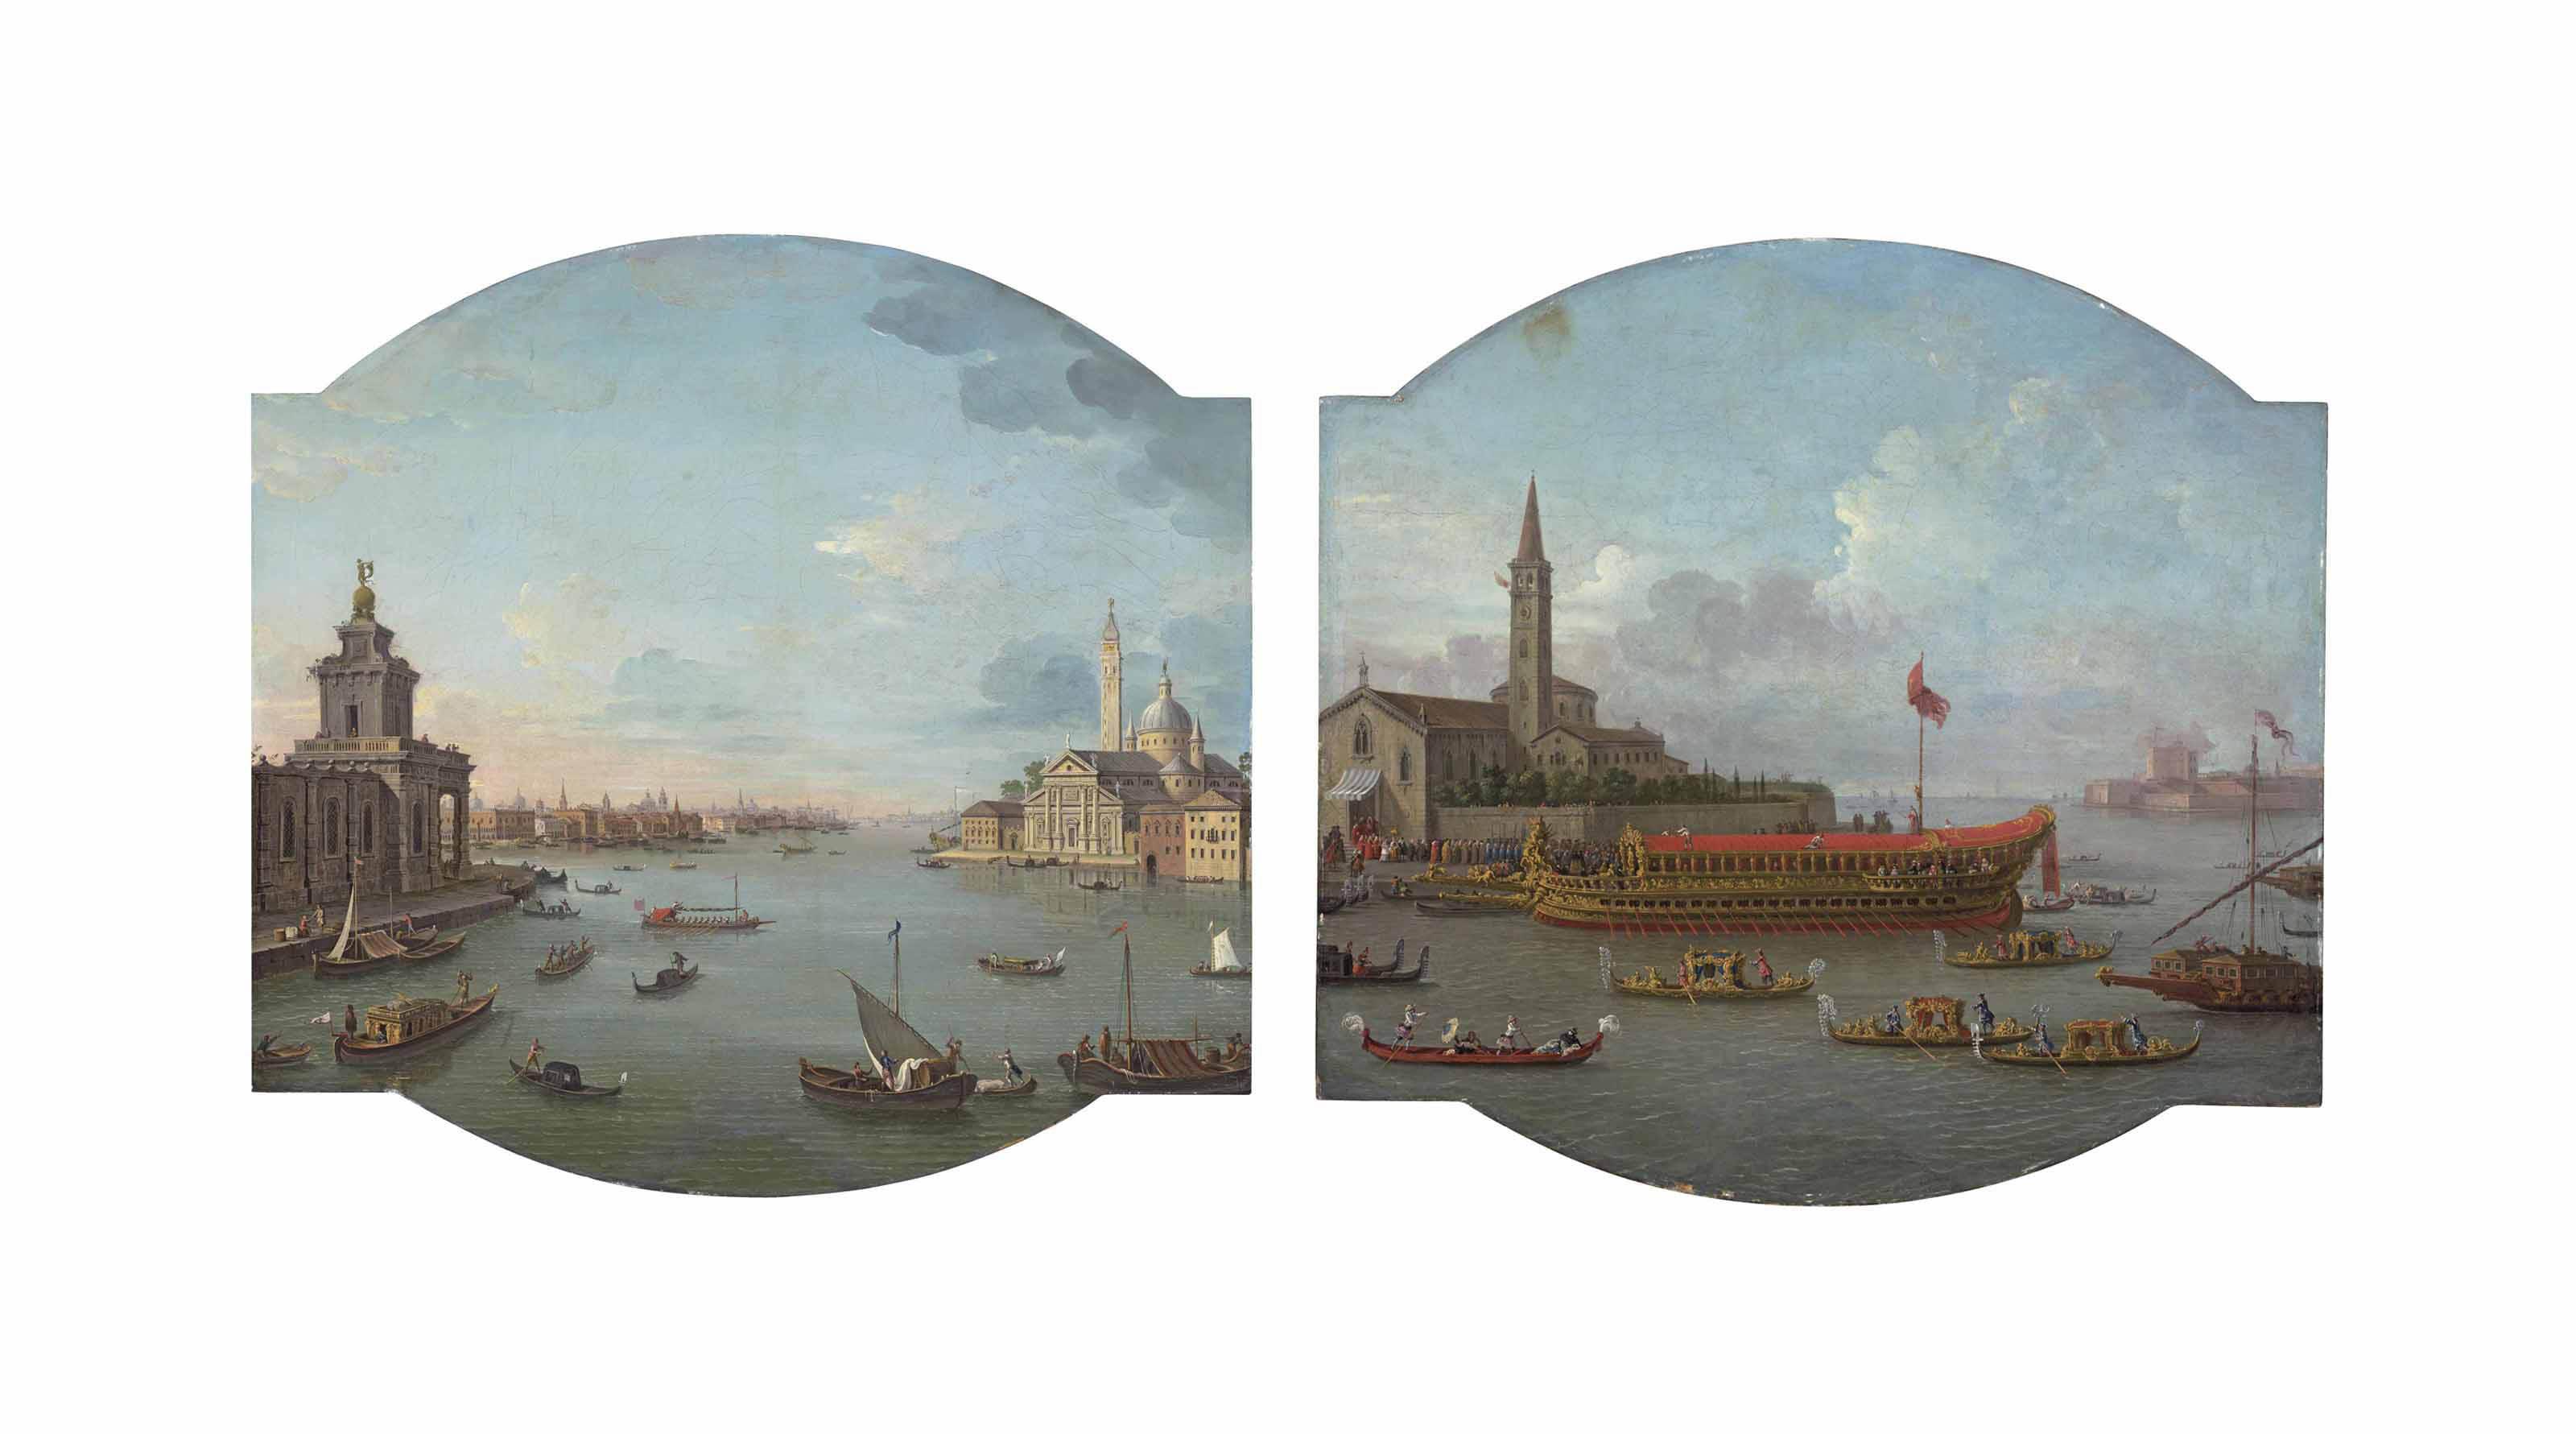 A View of San Giorgio Maggiore, Venice, with the Punta della Dogana in the foreground; and A view of the Bucintoro anchored in front of San Nicolò al Lido, Venice, for the ceremony of the 'Sposalizio del Mare'